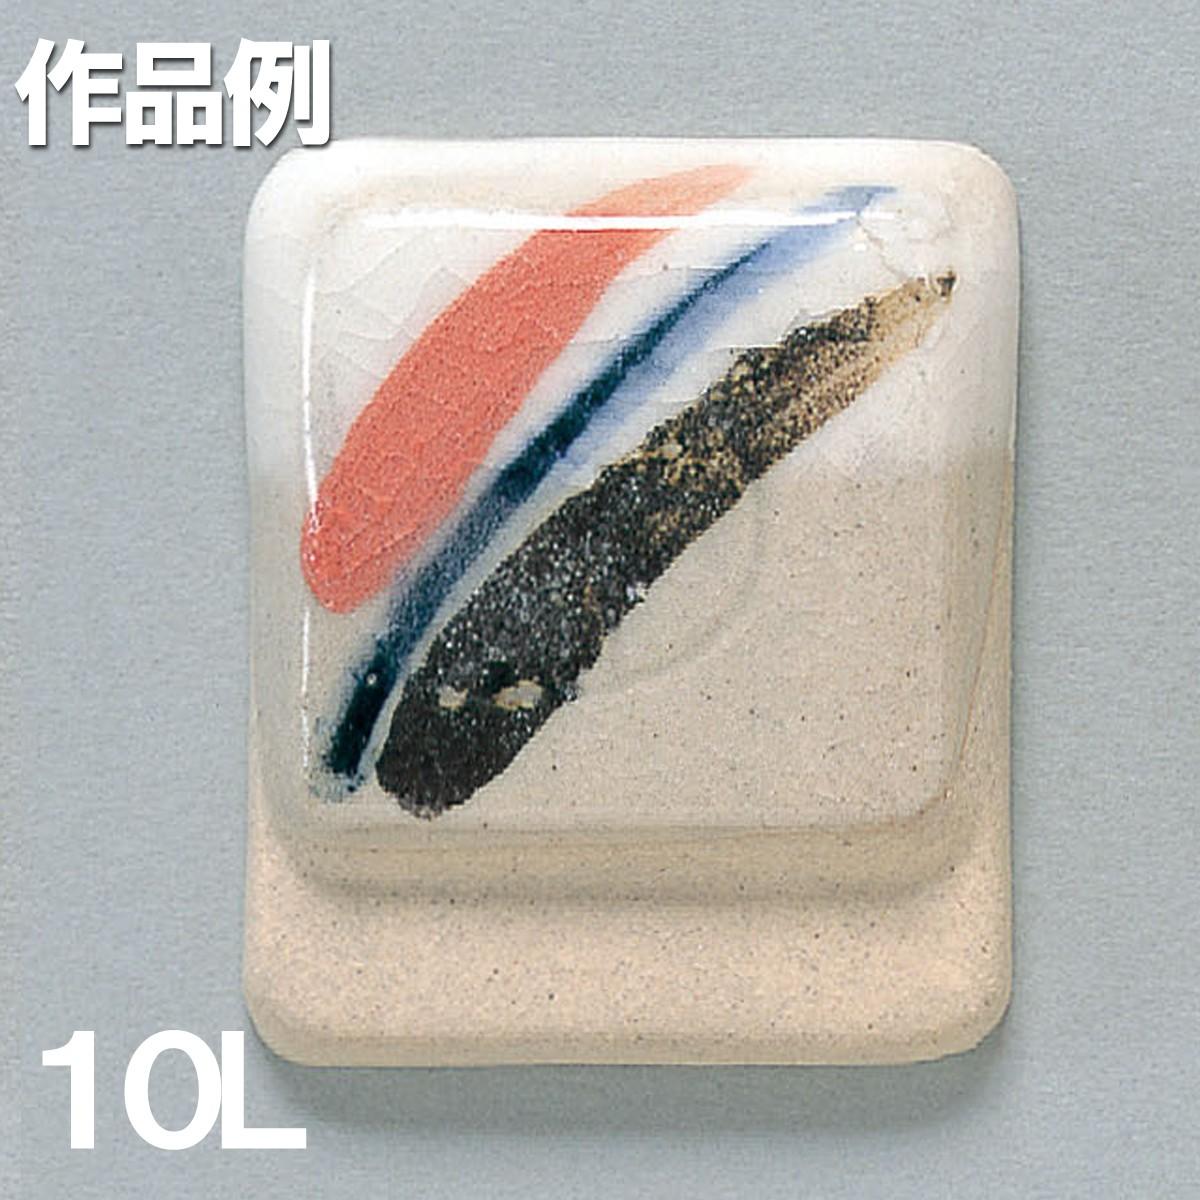 本焼用 透明釉 石灰釉 10L 【 陶芸 粘土 絵付け 釉薬 】